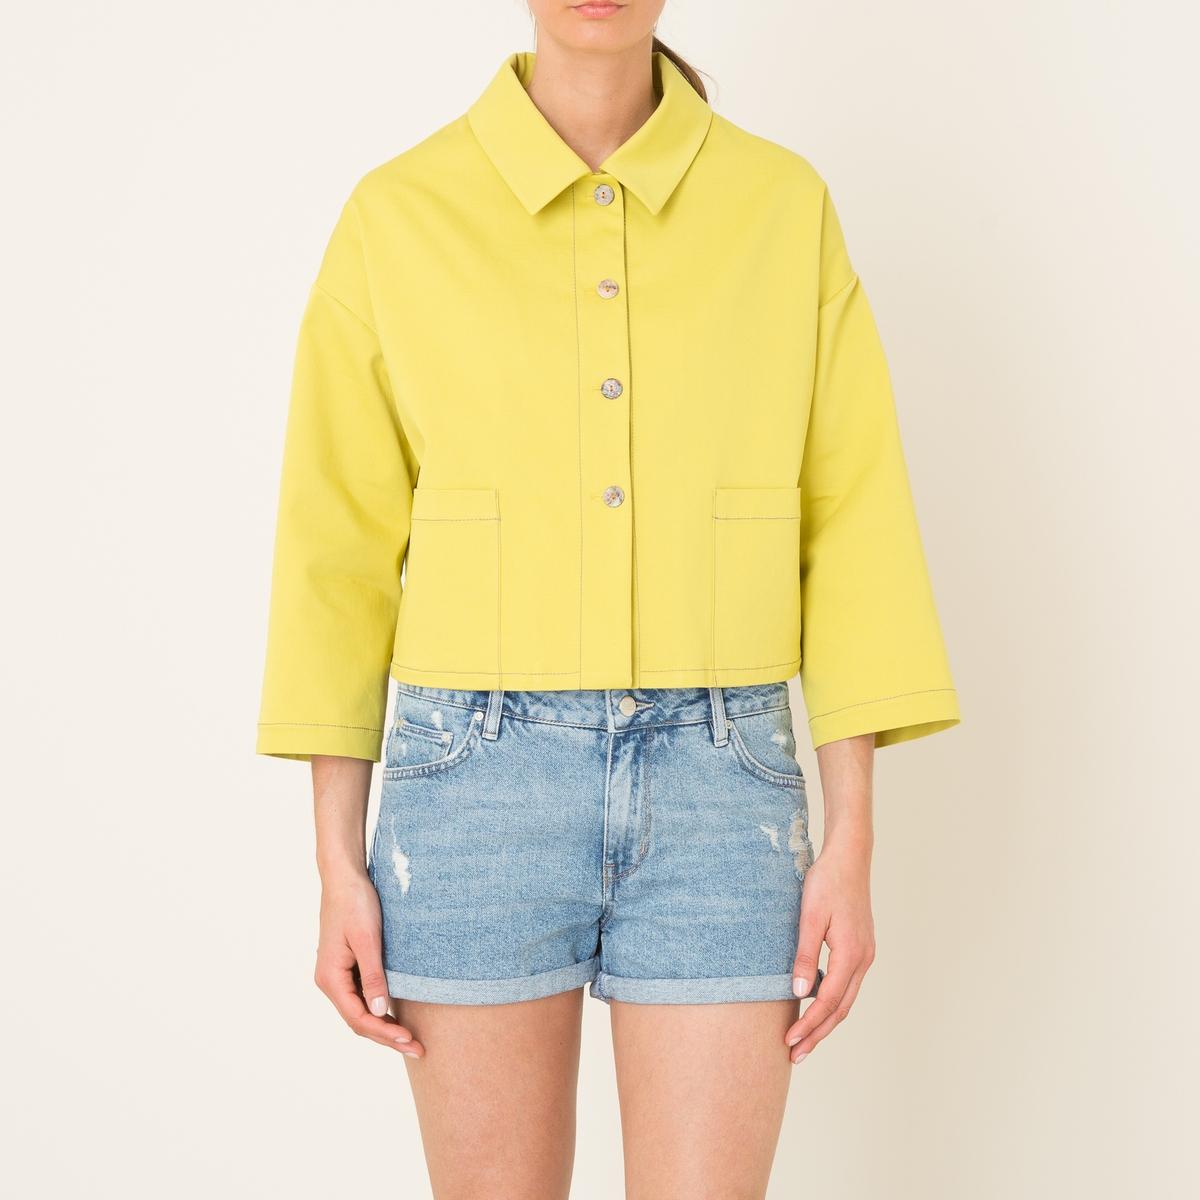 Куртка-рубашкаКуртка NIU -короткий рубашечный покрой на пуговицах, хлопковая ткань. Рубашечный воротник со свободными уголками. Застежка на пуговицы. Длинные объемные рукава, приспущенные плечи. 2 накладных кармана.Состав и описание    Материал : 96% хлопка, 4% эластана   Марка : NIU<br><br>Цвет: желтый